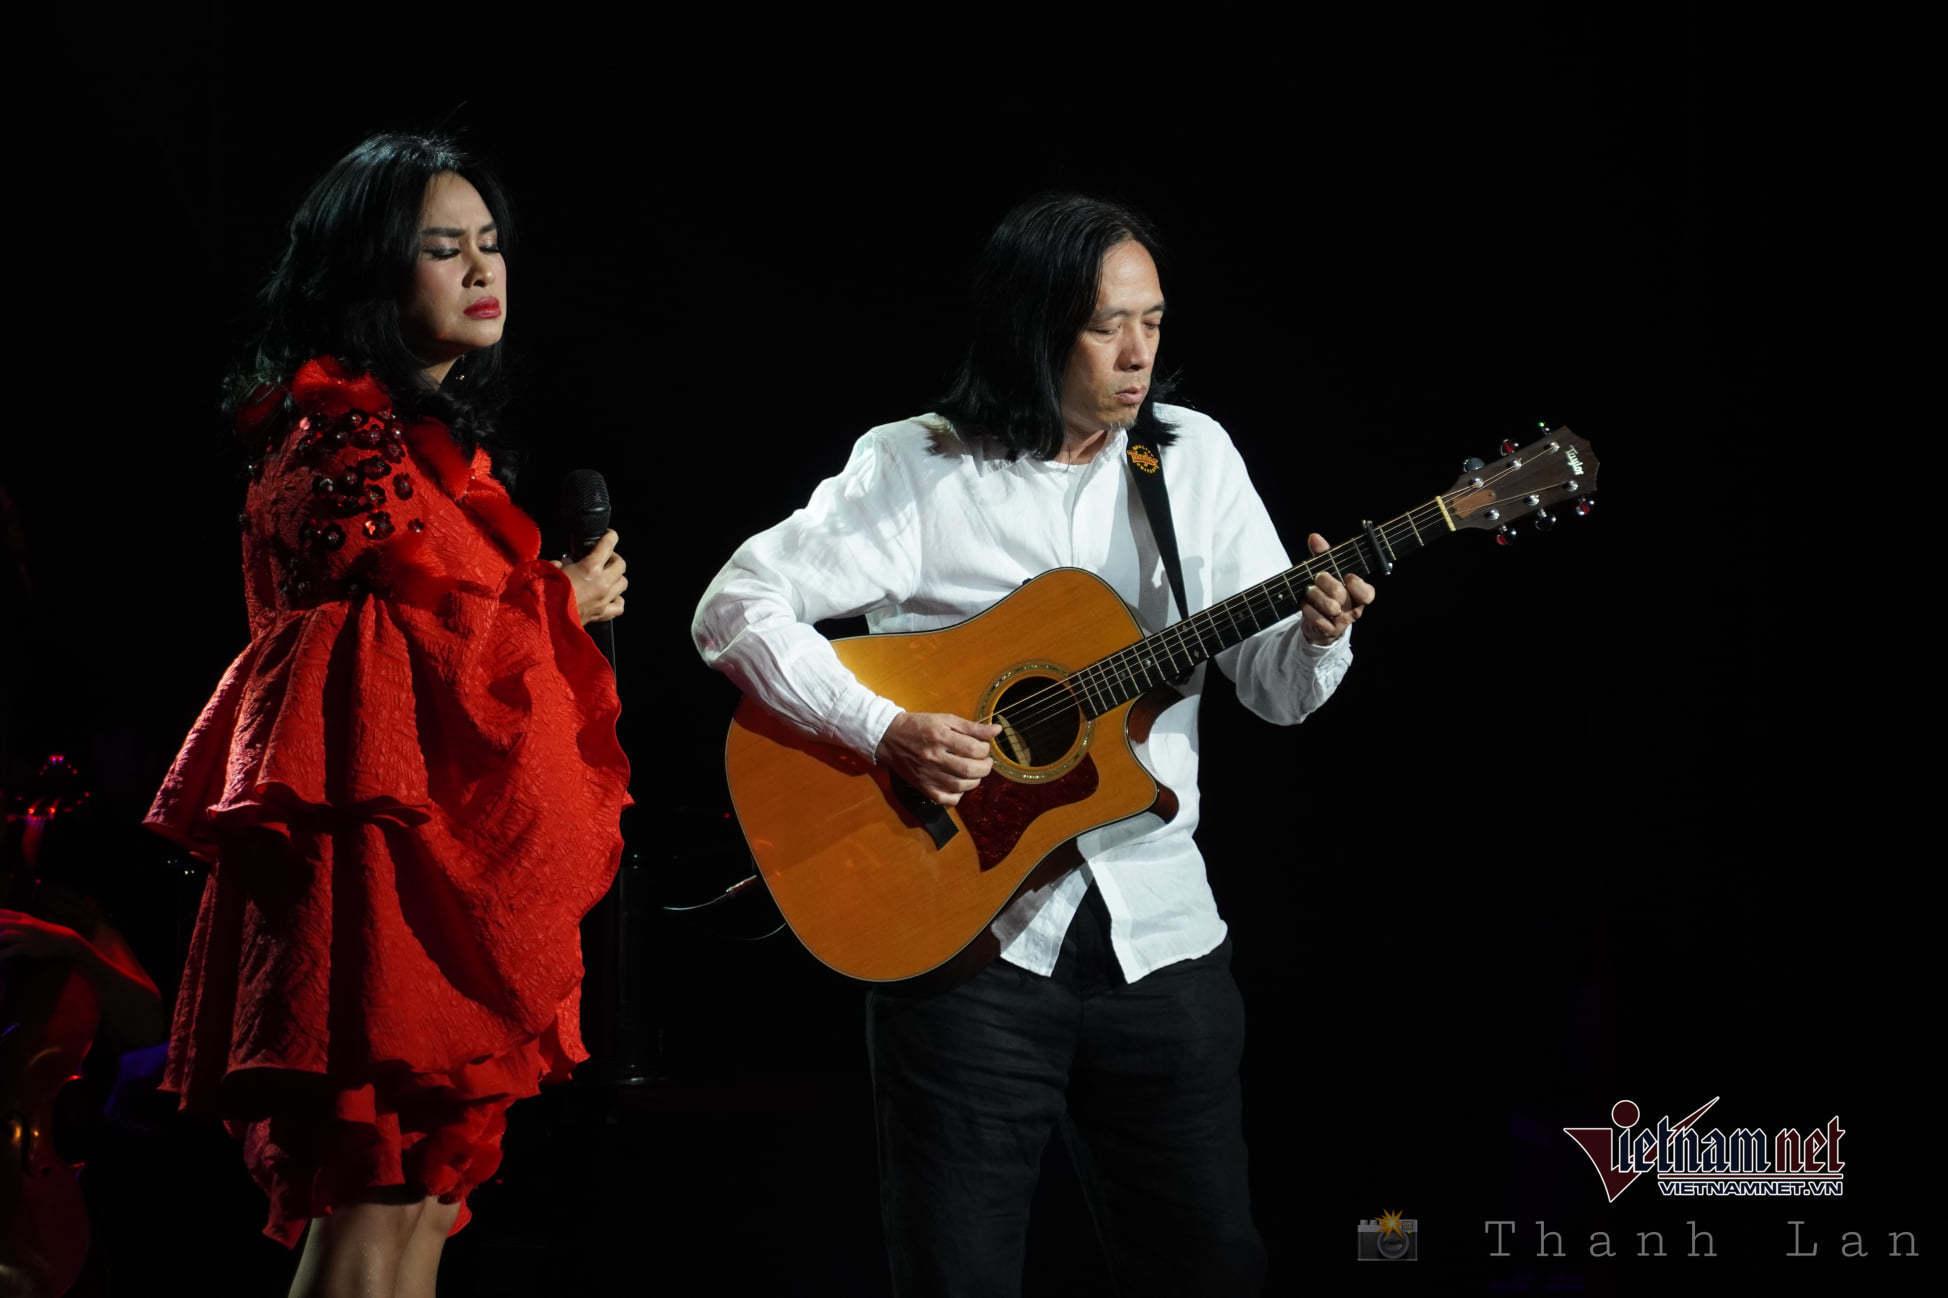 Tùng Dương nhắn người yêu Thanh Lam phải chung thủy